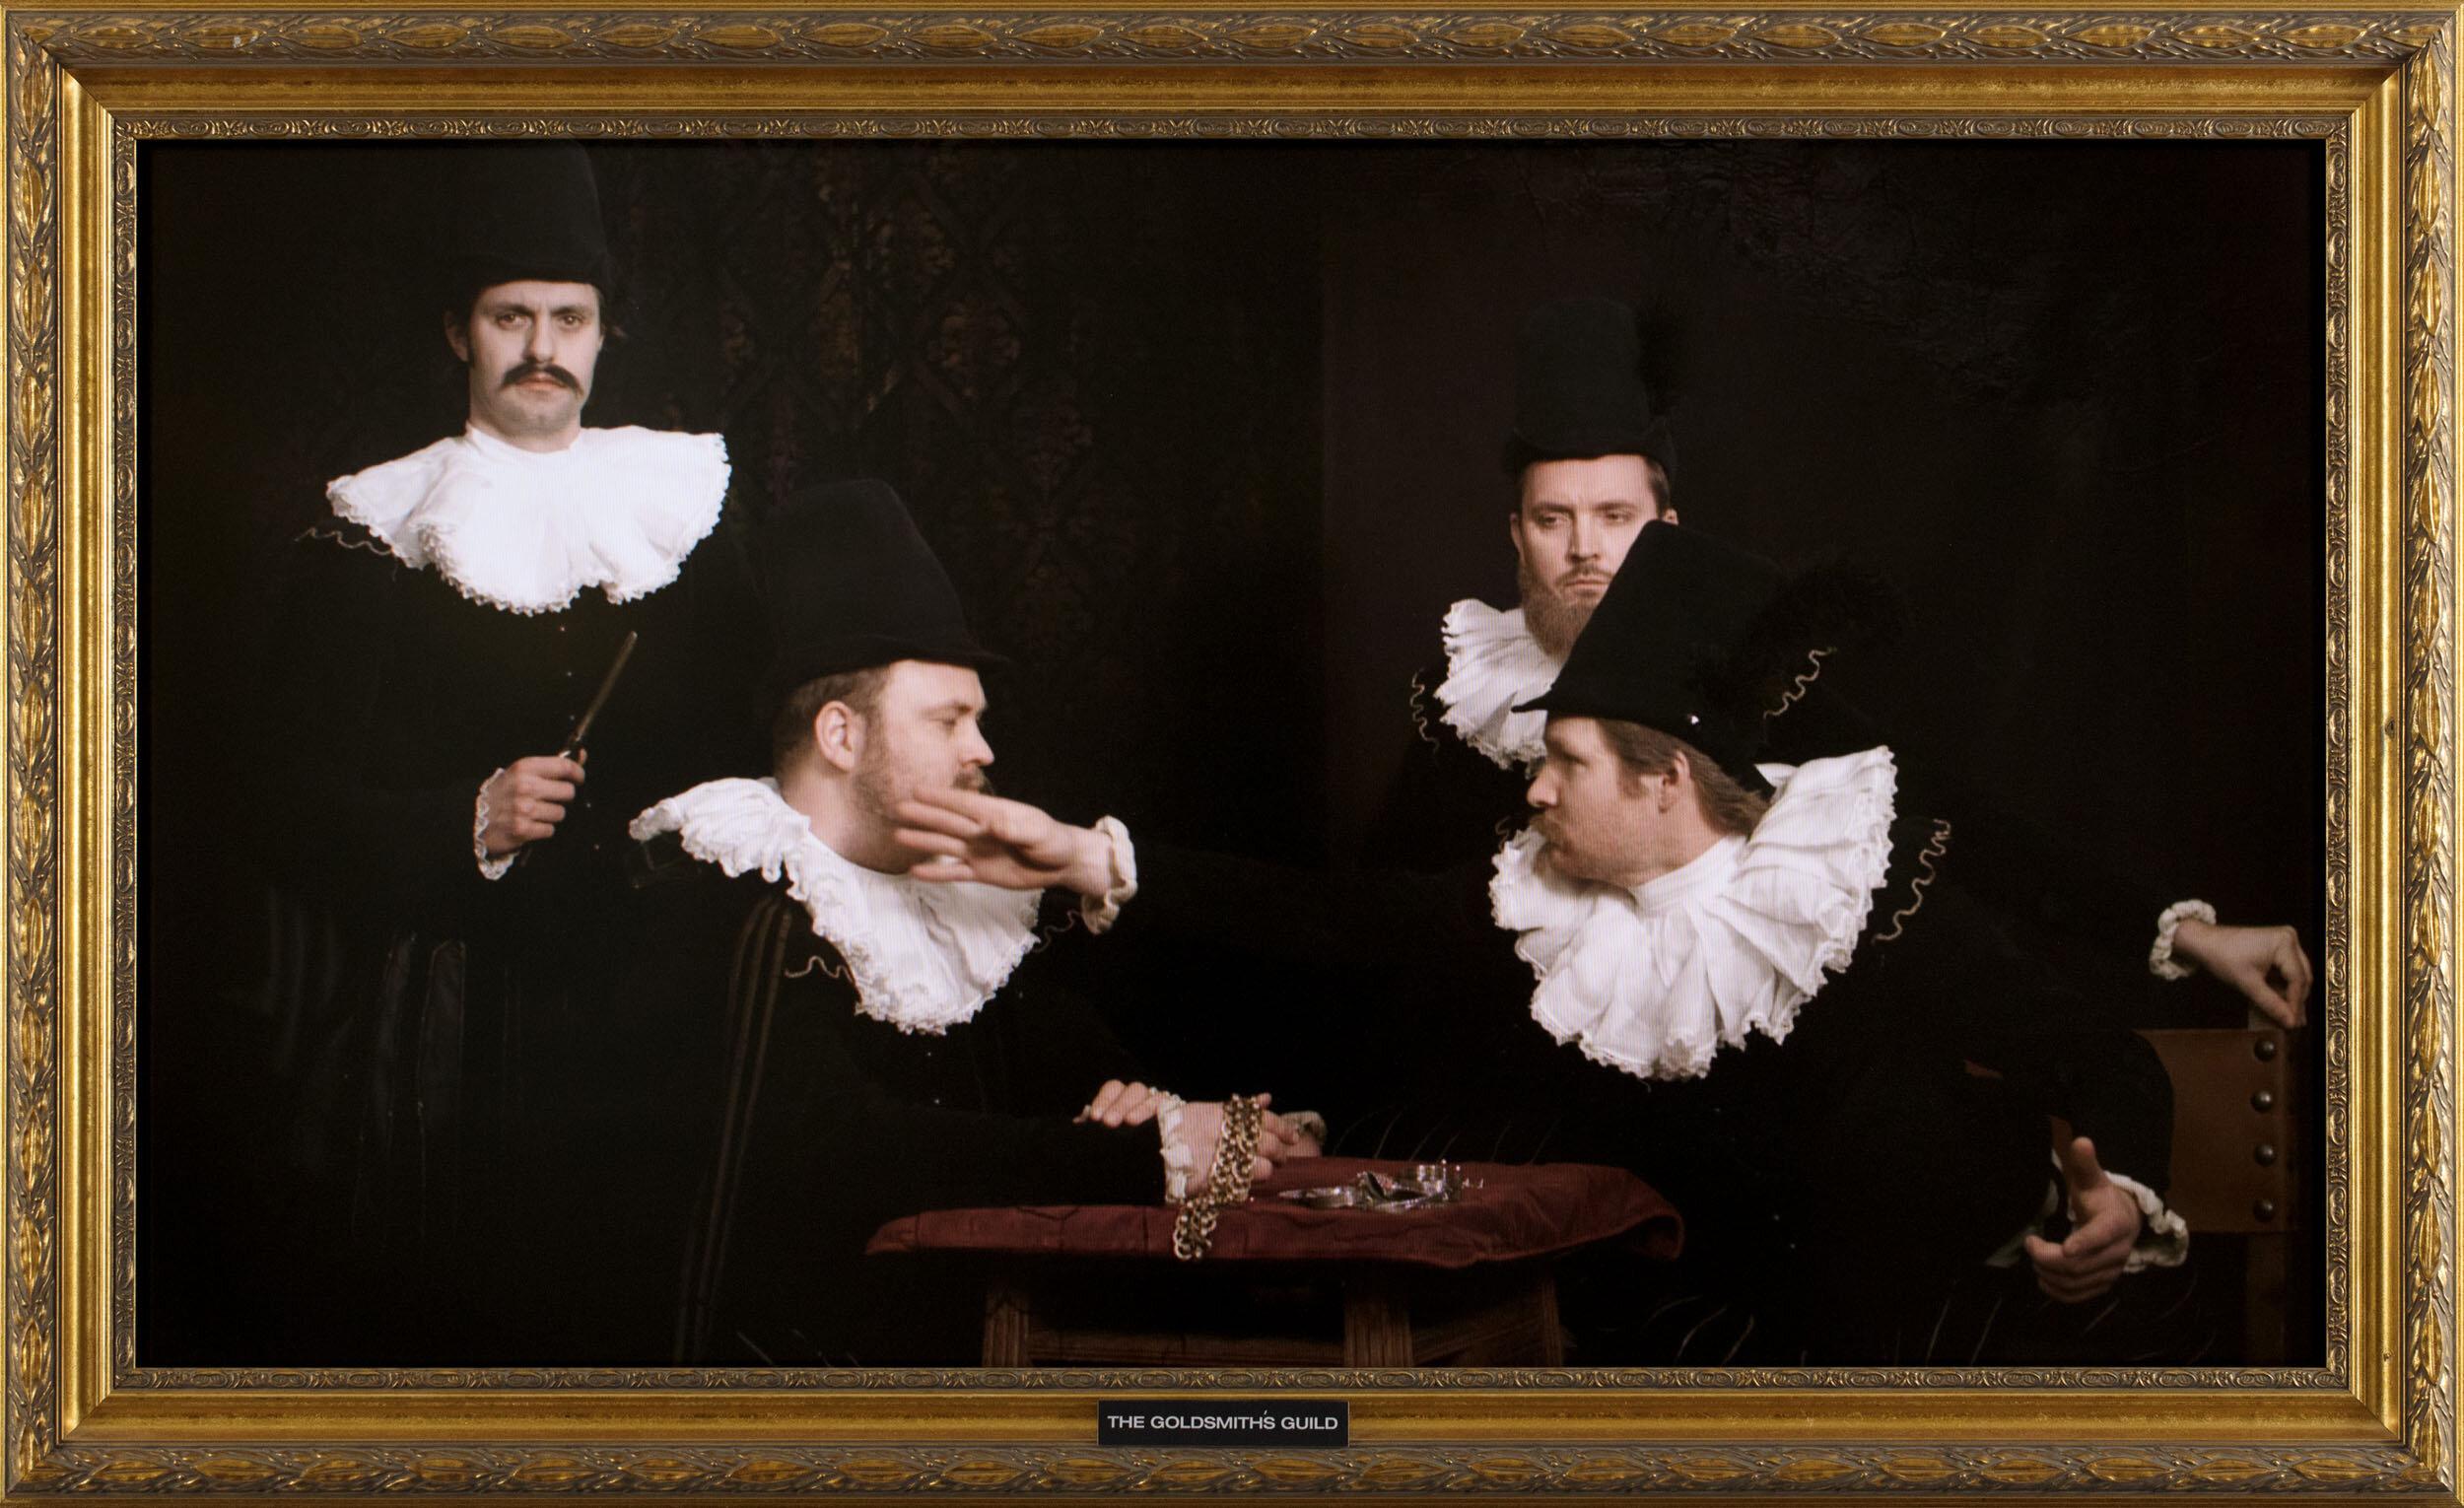 Jonathan Knape   Parafresk 1.0, The syndics of the goldsmiths' guild  2013 Signerad a tergo. Installation med videoverk, tv-skärm,  tavelram, DVD-spelare, träpodium 204 x 160,5 x 25 cm